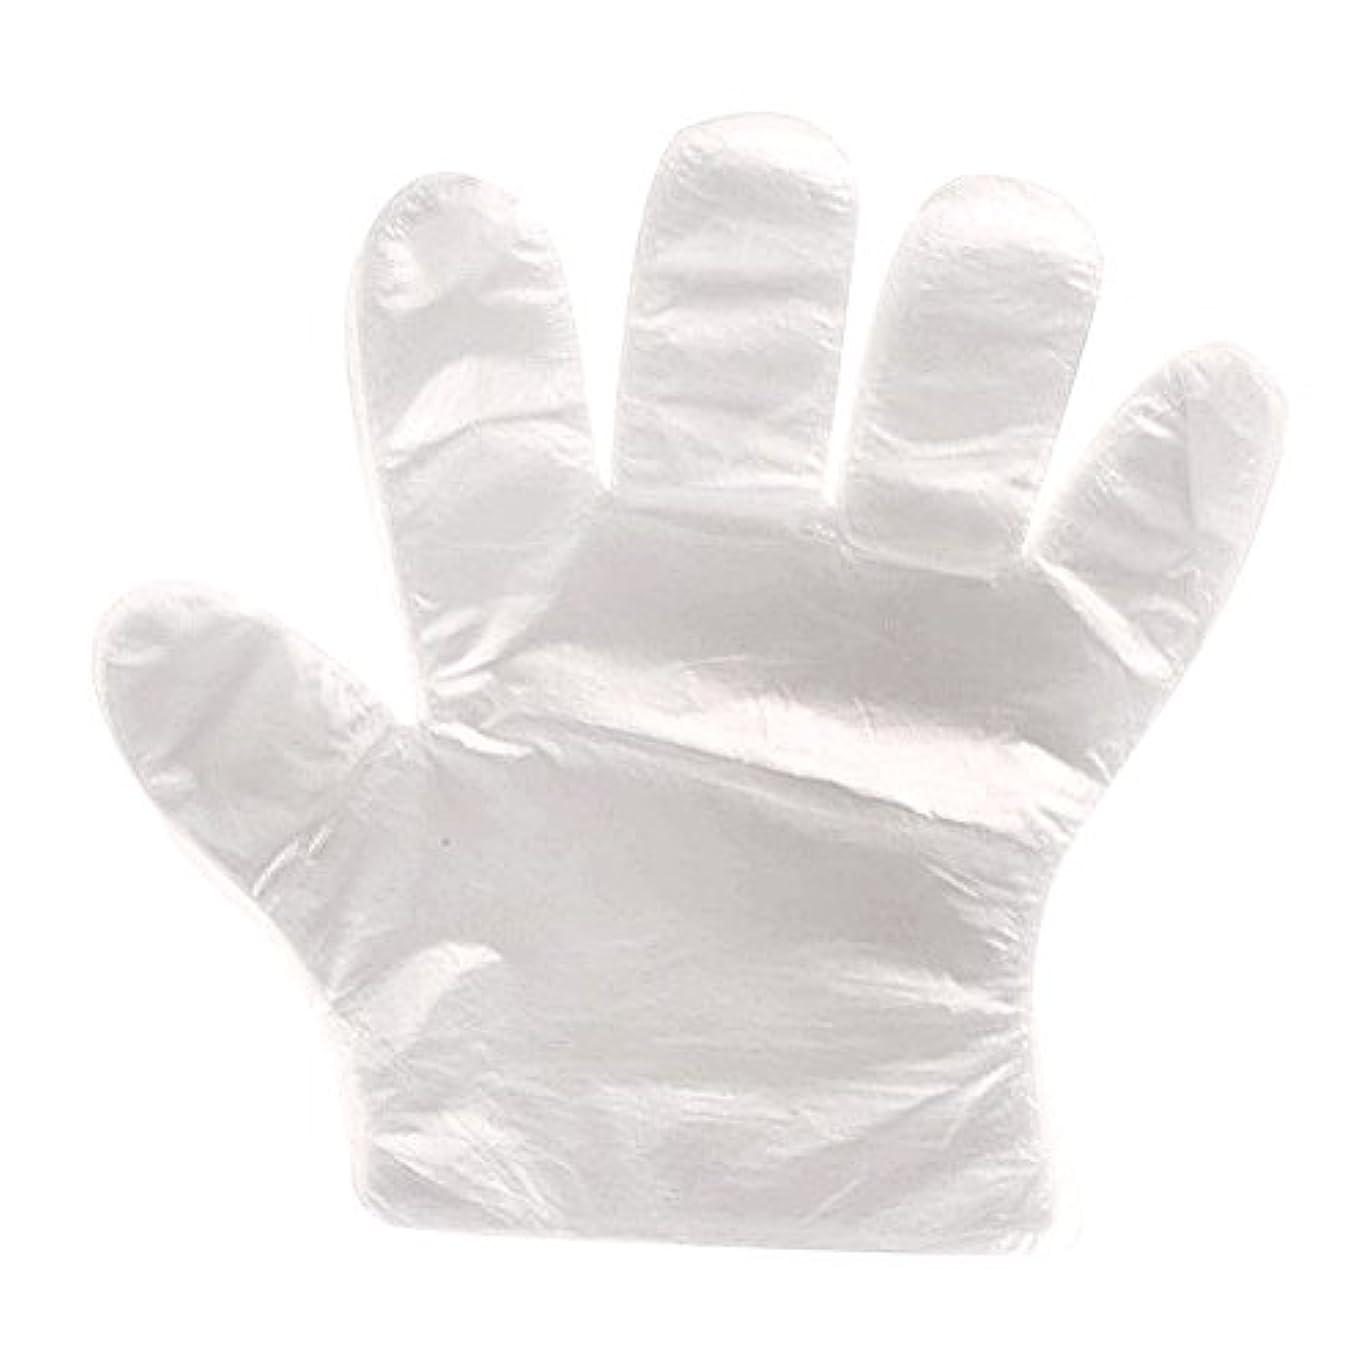 消費者モスク発見する使い捨て手袋 極薄ビニール手袋 透明 実用 衛生 調理に?お掃除に?毛染めに 100枚/セット 食品衛生法適合